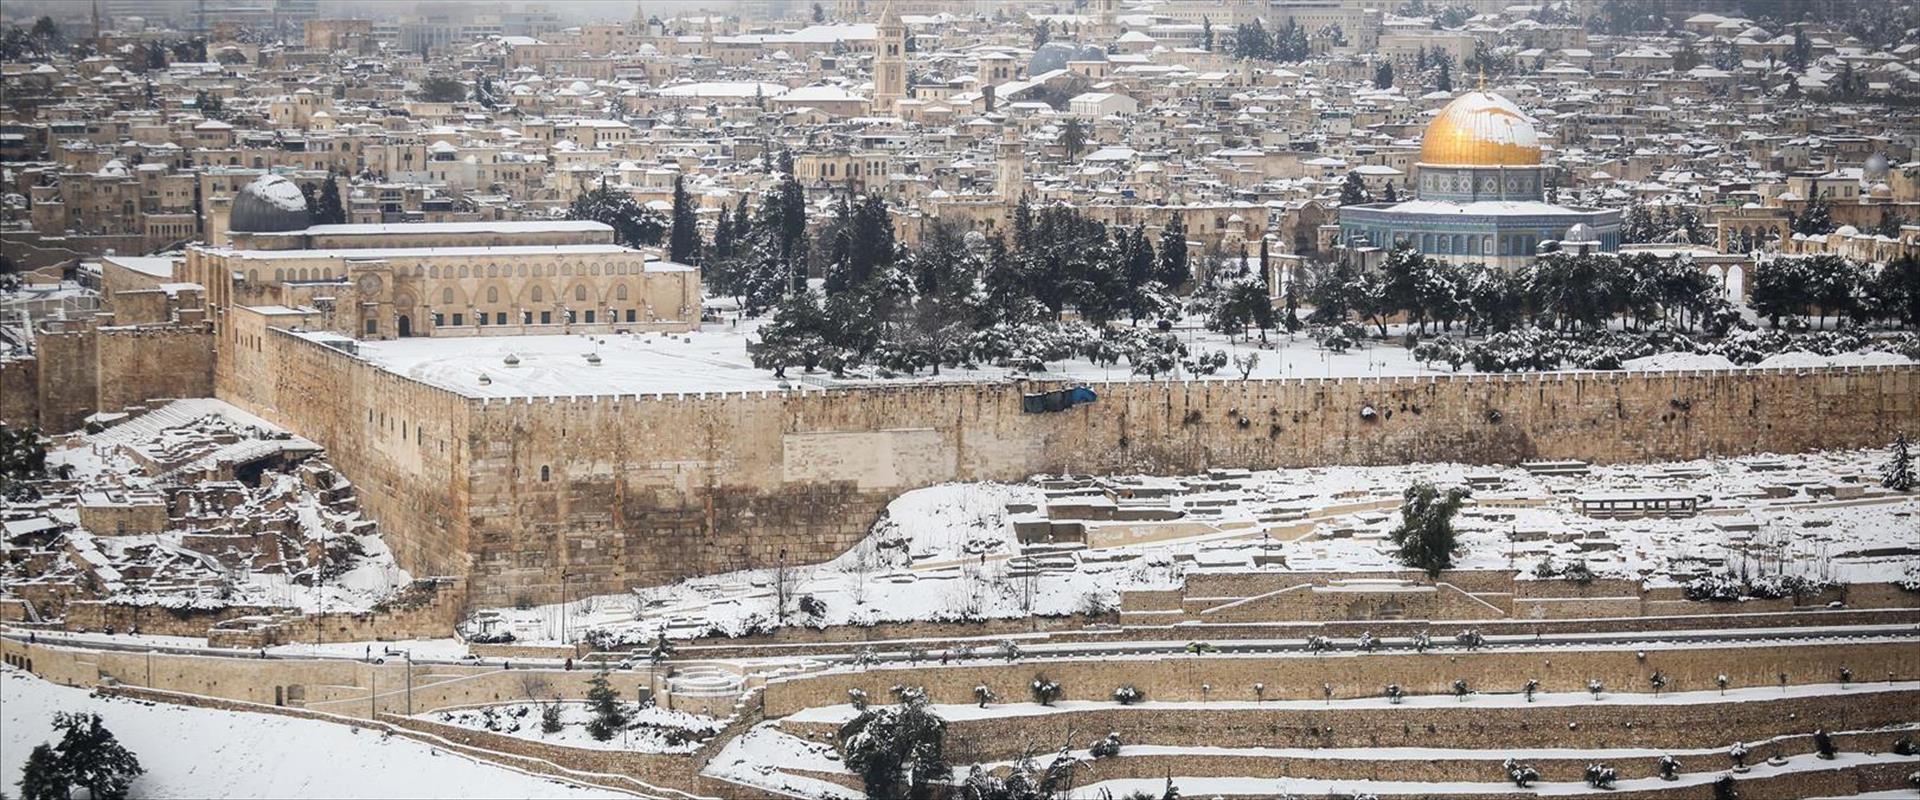 שלג בירושלים ב-2015